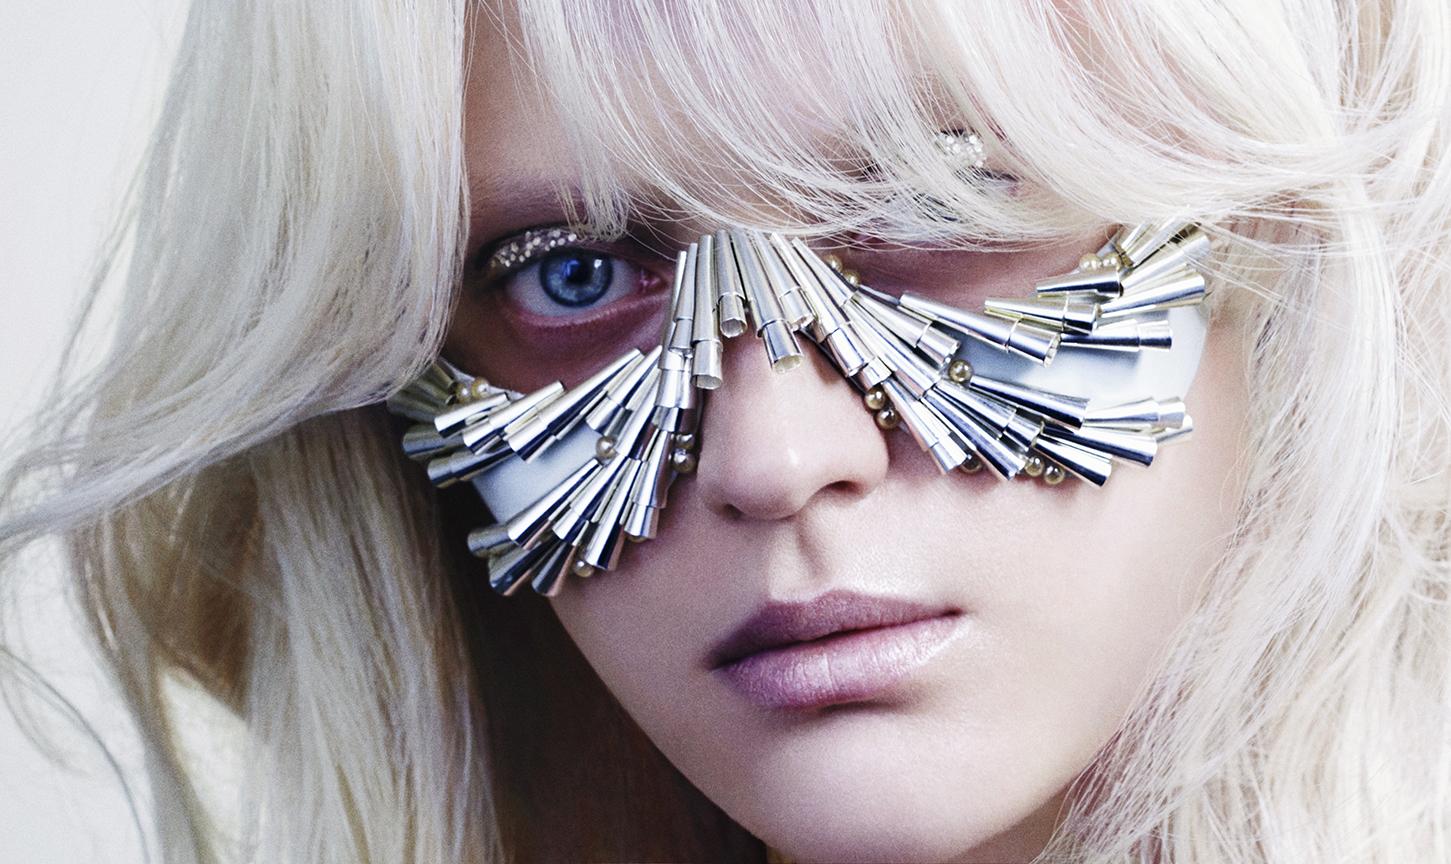 040516_Svetlana_Masks_05_037_WEB.jpg